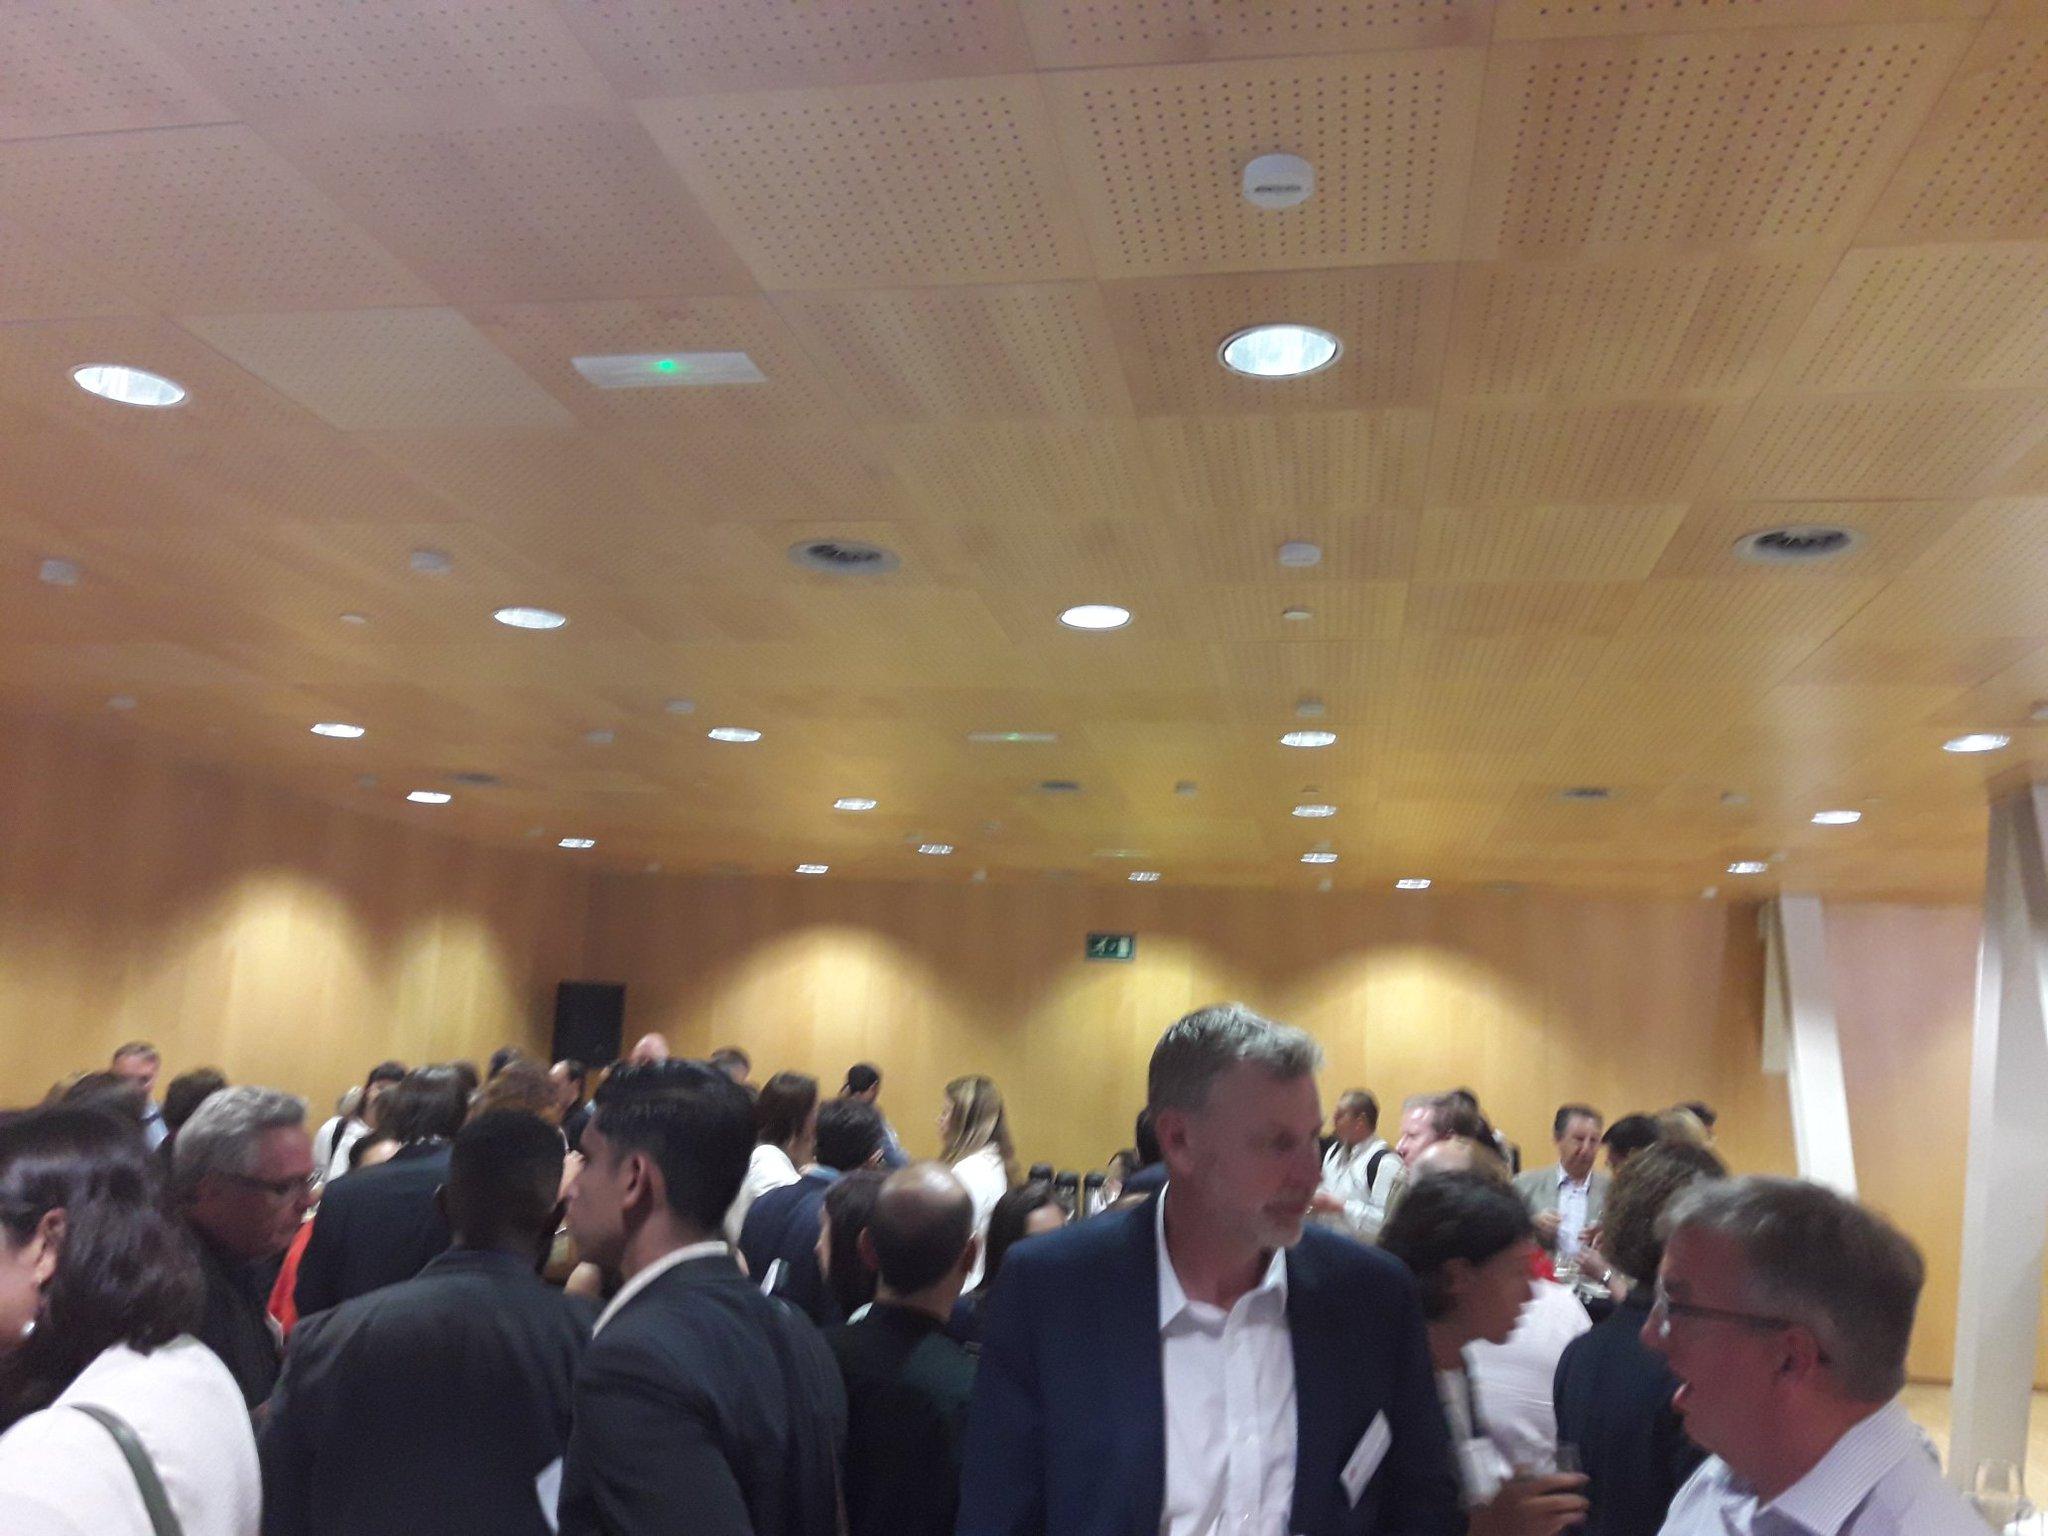 #IGL2017 Networking. Muy buenas conversaciones con los policy makers del mundo @AgenciaIyE https://t.co/YX4Dvt6wu5